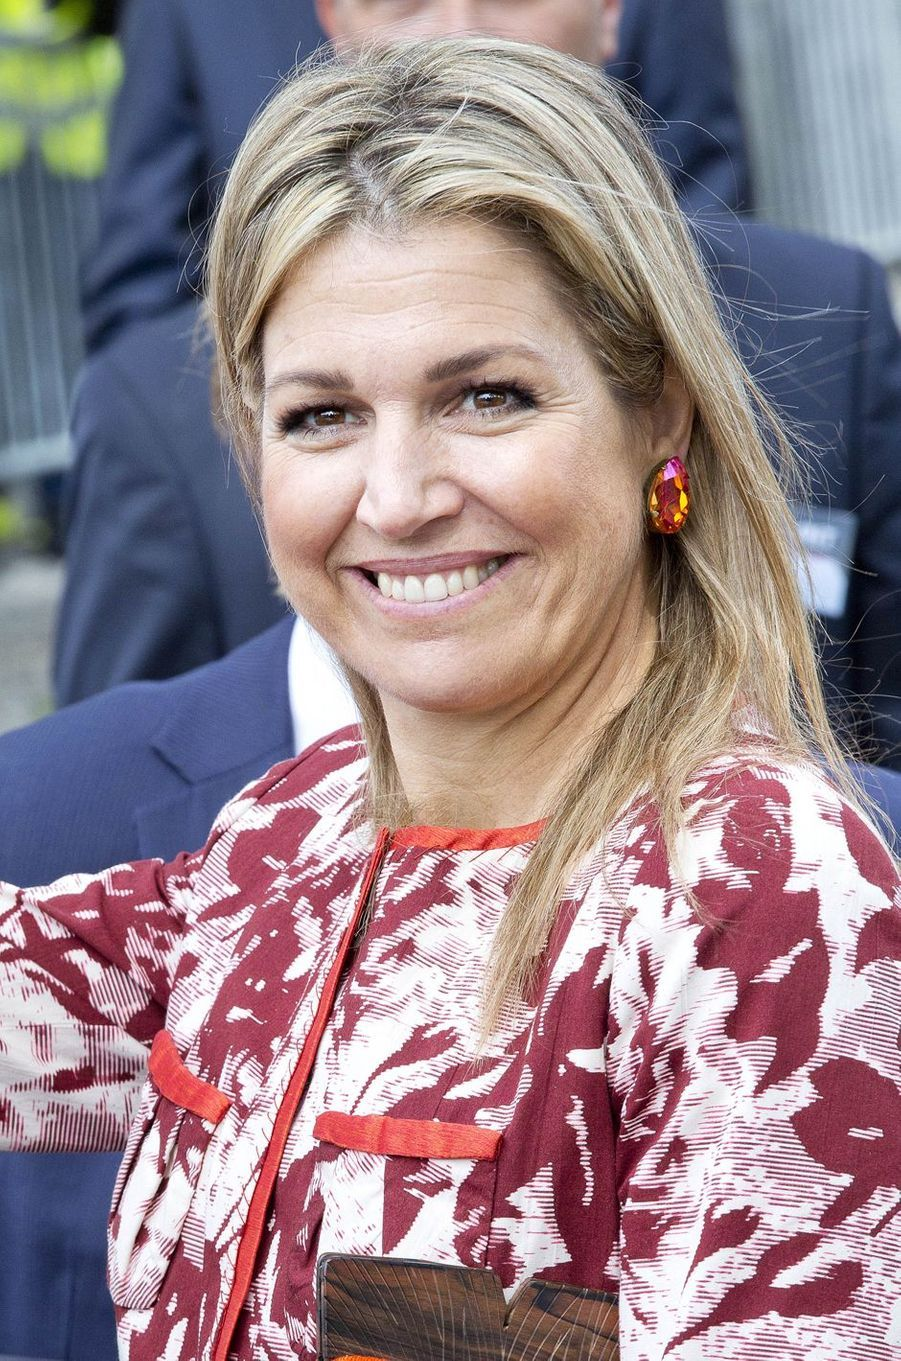 La reine Maxima des Pays-Bas à Oisterwijk le 8 juin 2017